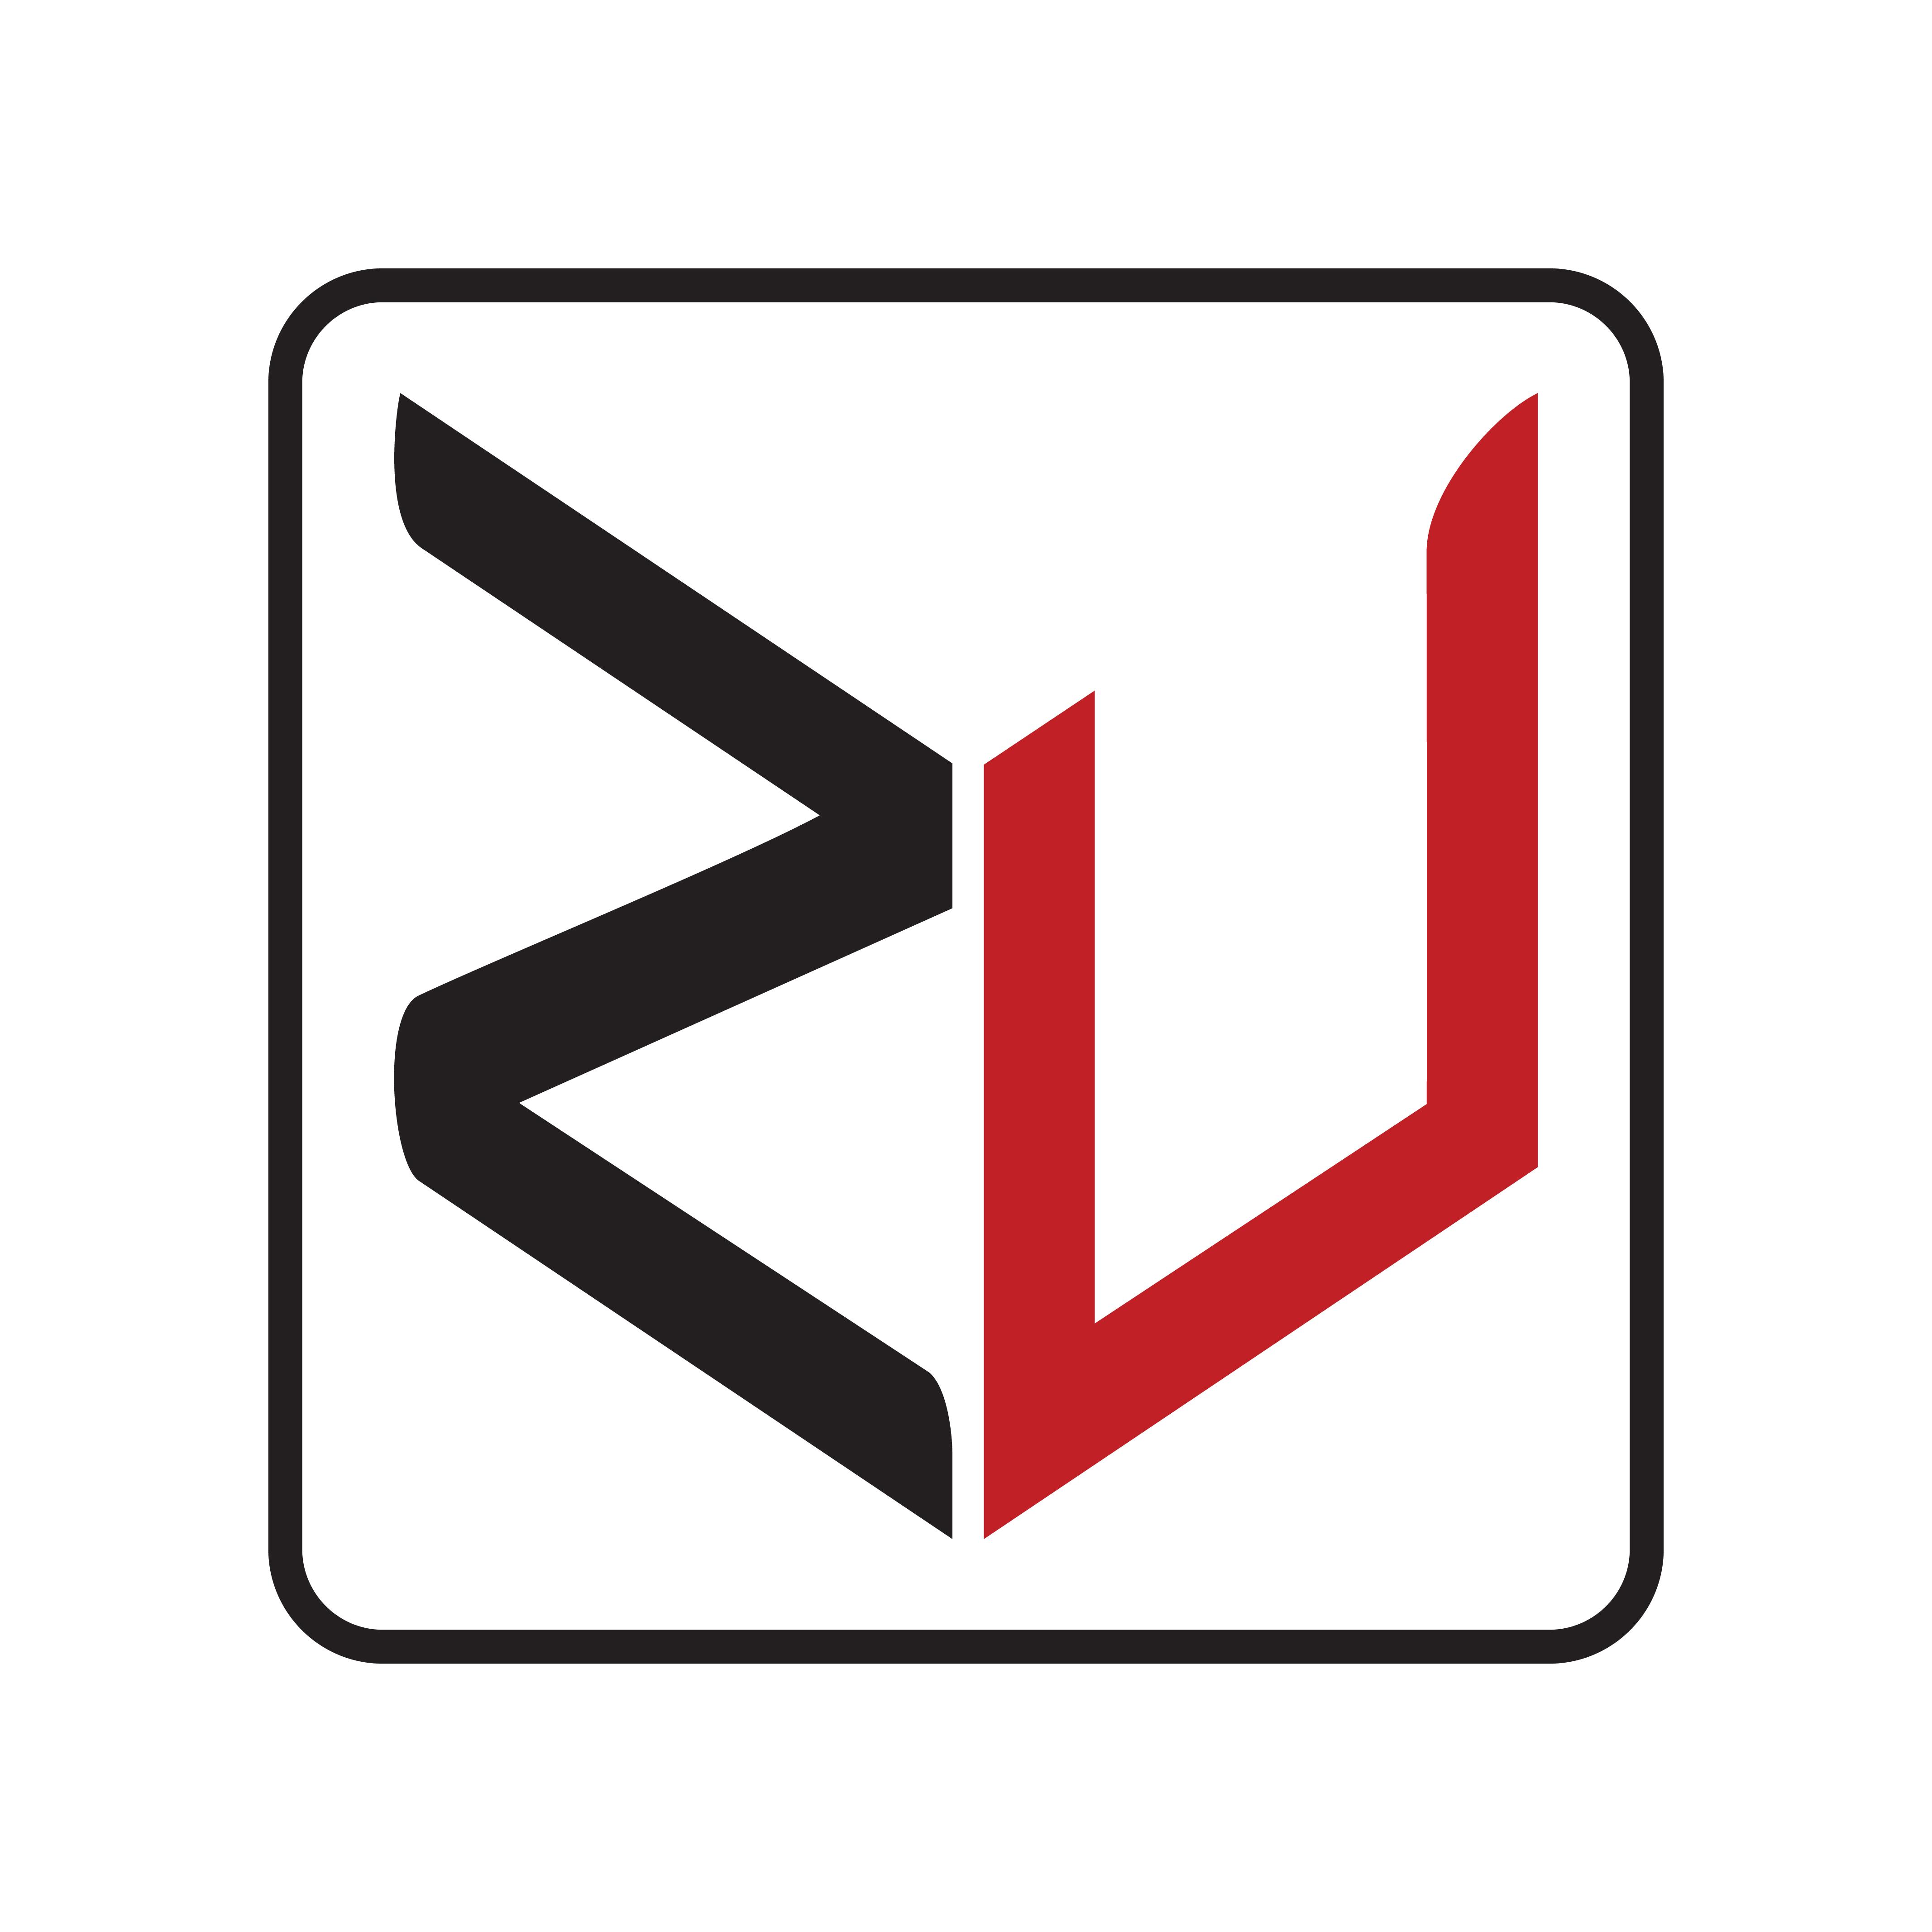 Zero2unicorn Labs Private Limited